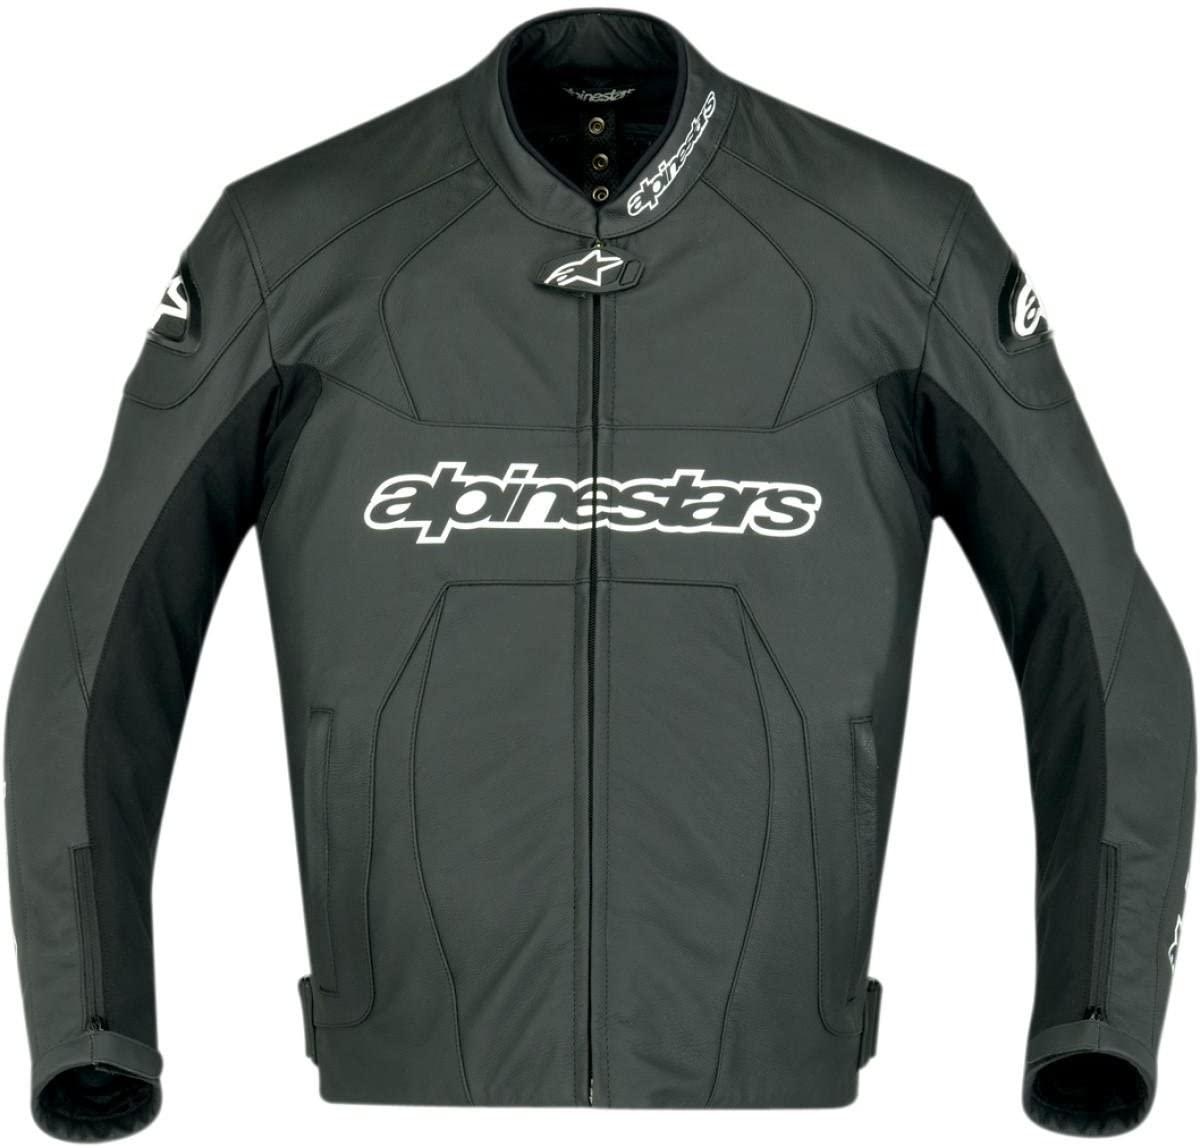 Alpinestars GP Plus Leather Jacket 2011 Black US 46 EU 56